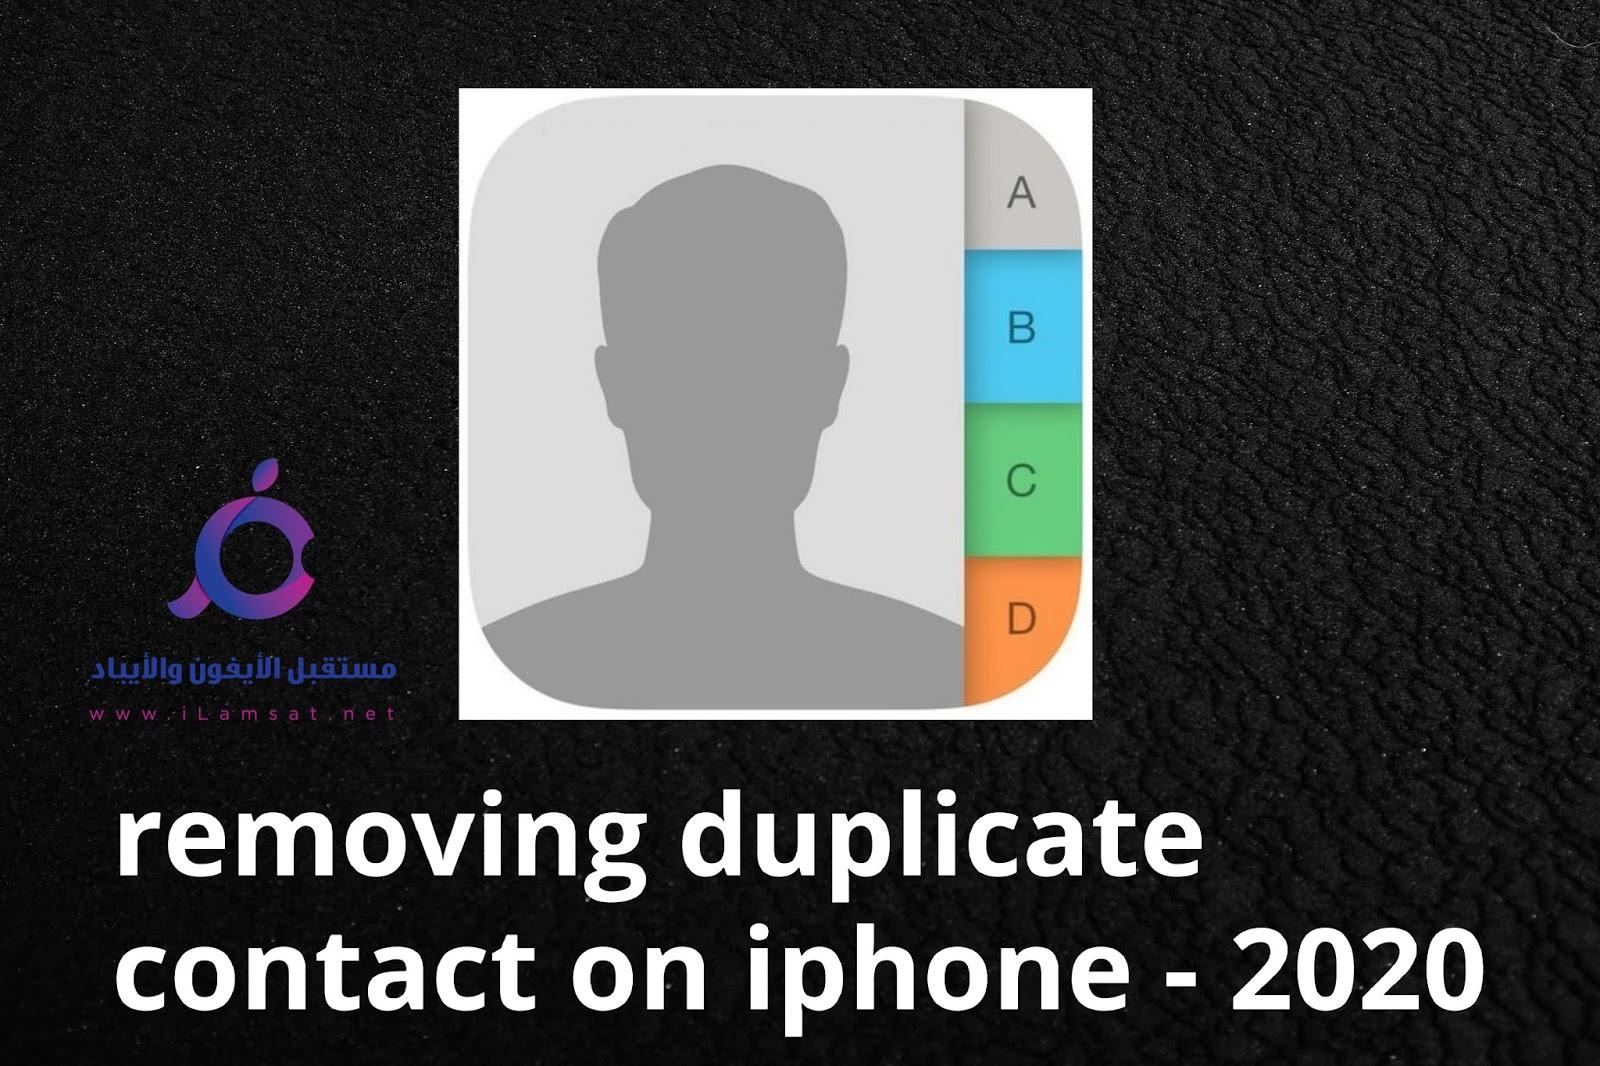 كيفية حذف جهات الاتصال المكررة على جهاز iPhone الخاص بك